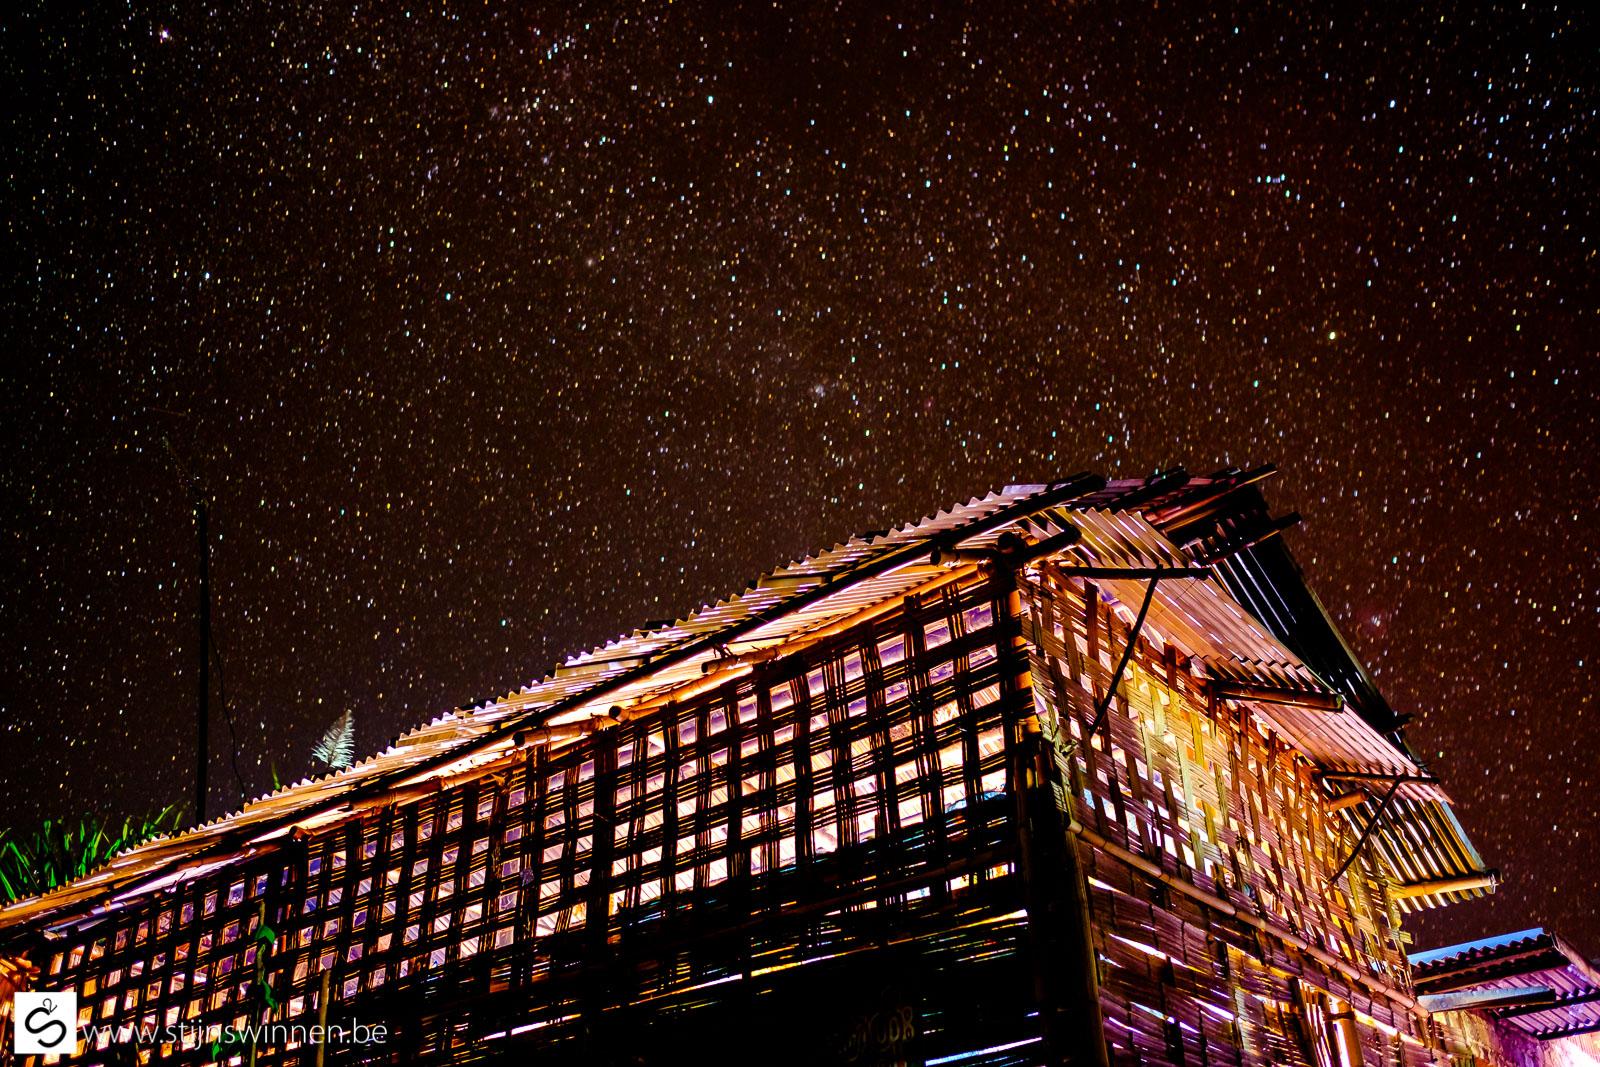 Skies of stars in Shan Village